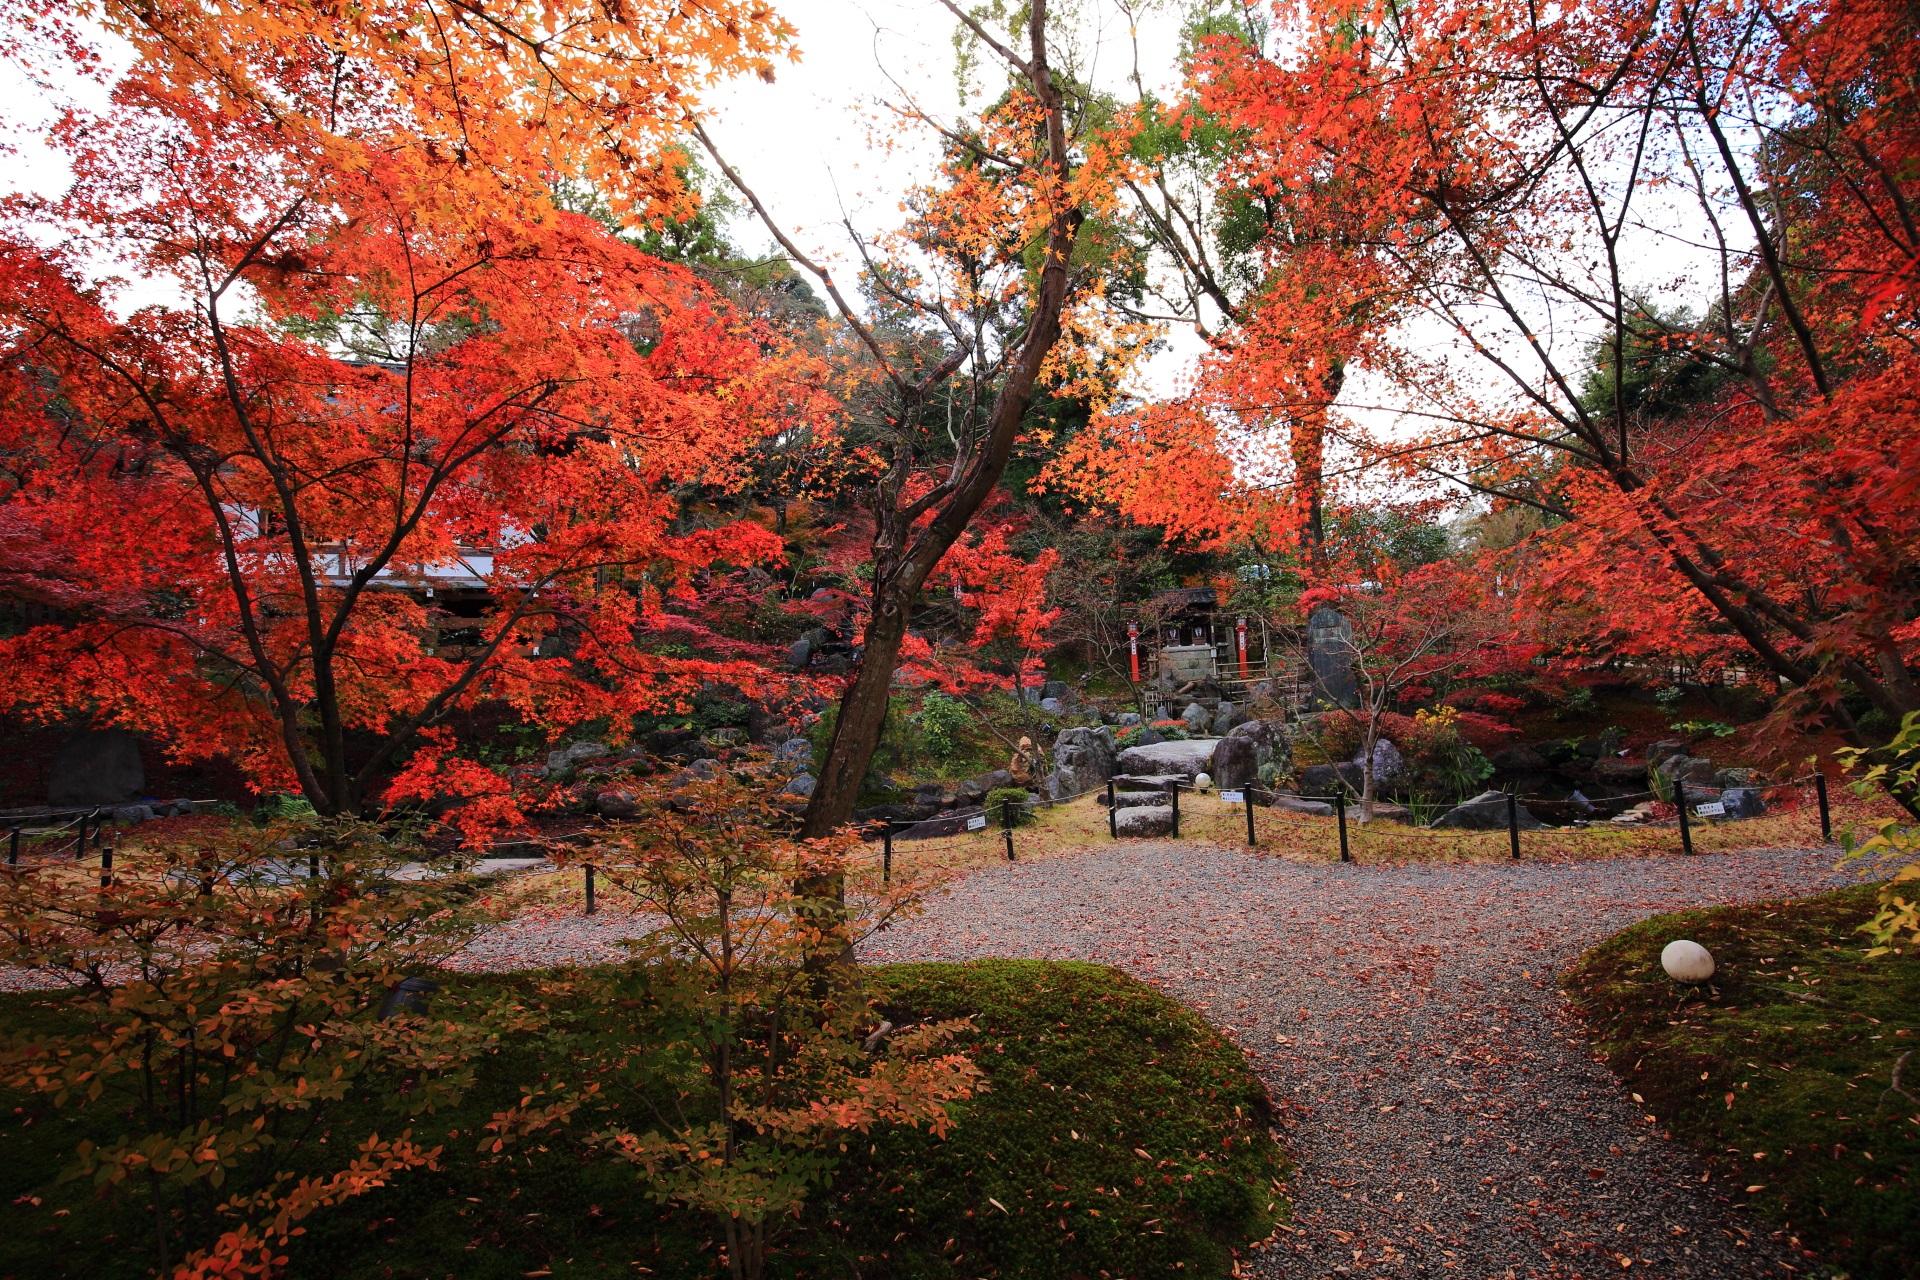 ふかふかの苔と水辺をつつむ艶やかな紅葉